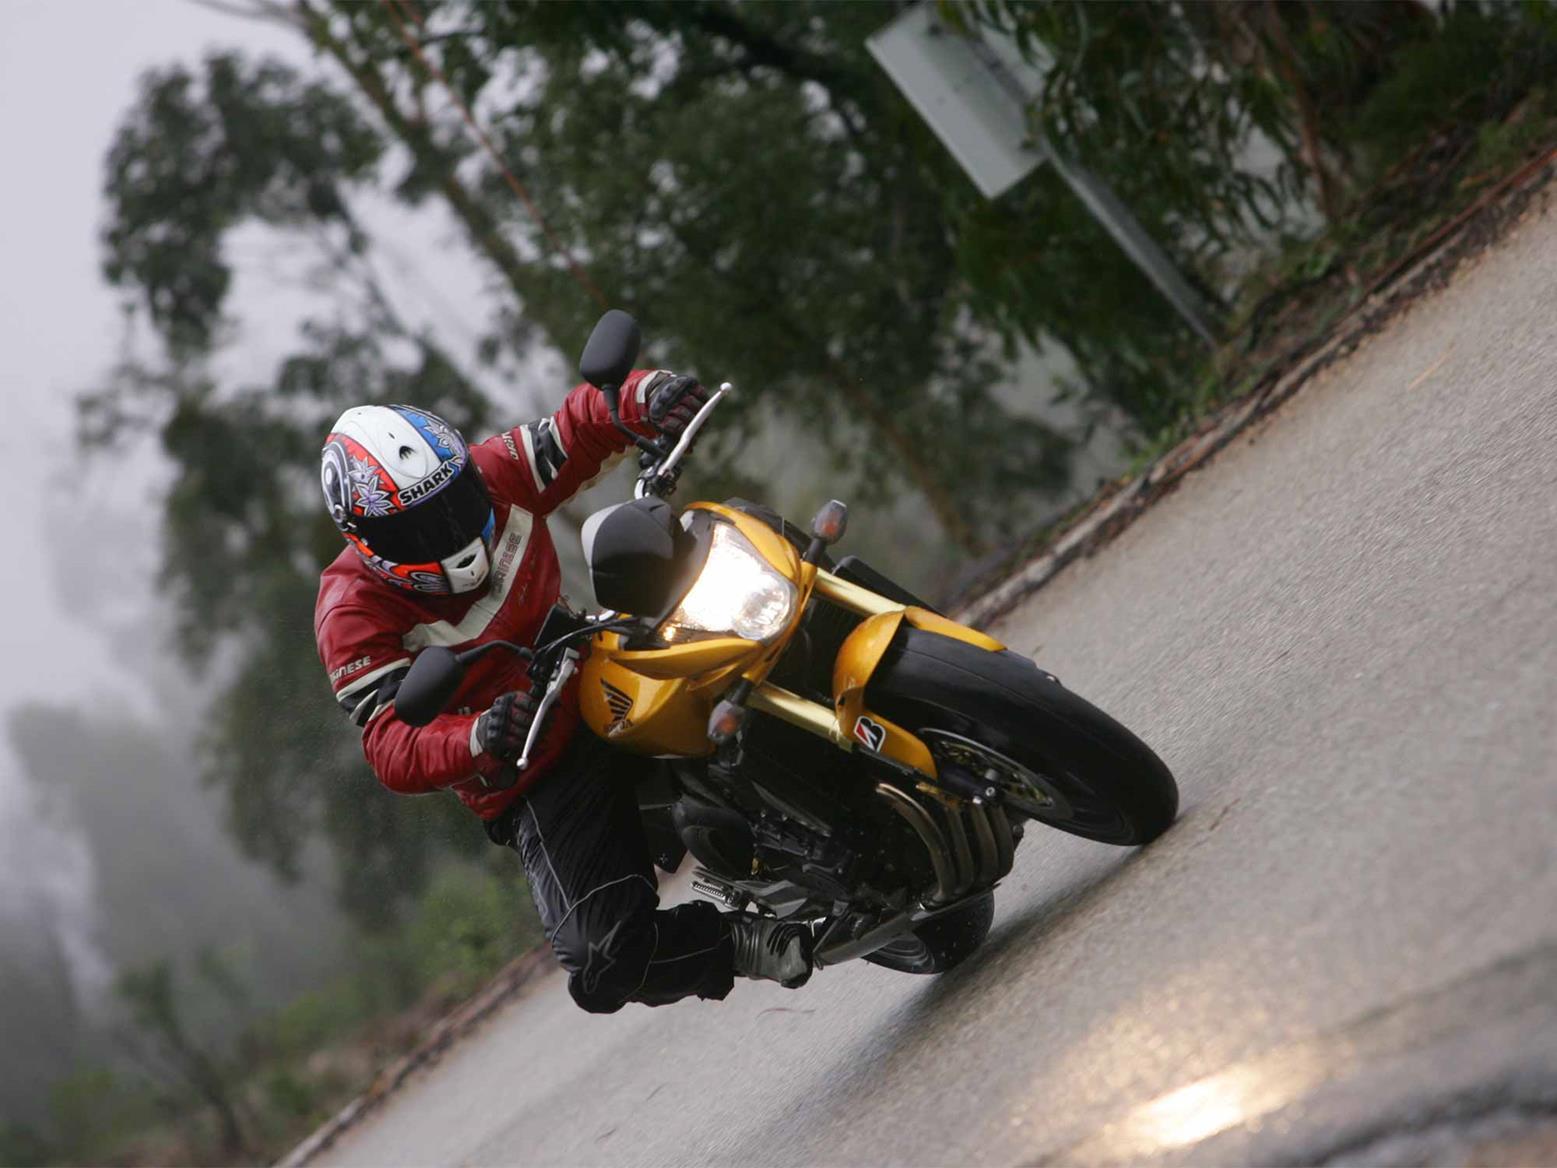 Riding the Honda Hornet in the wet